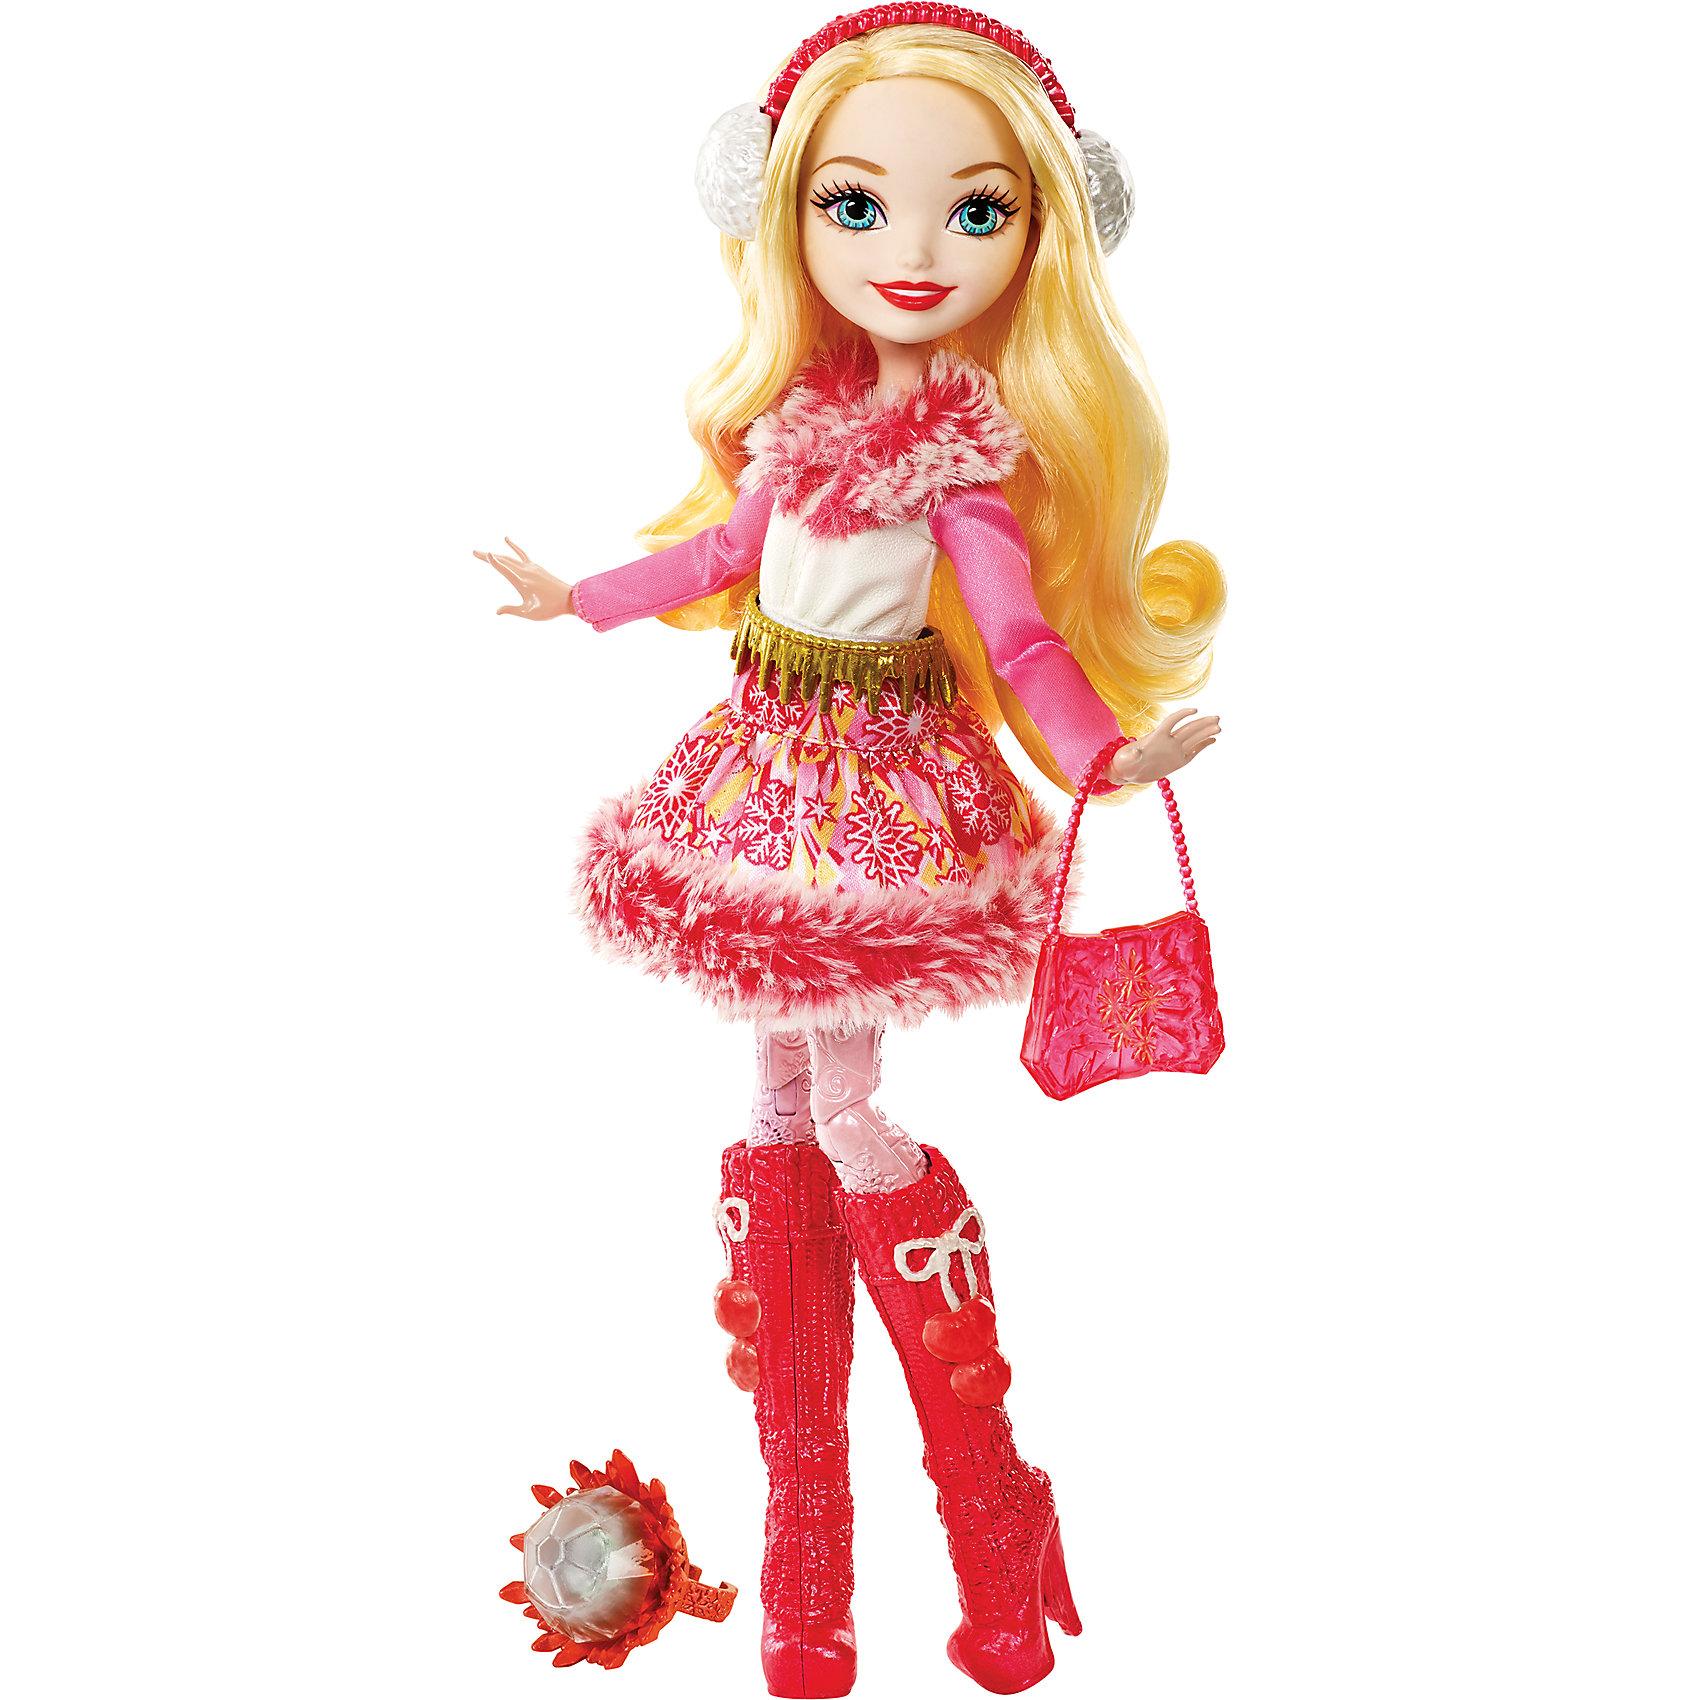 Кукла Эппл Уайт из коллекции Заколдованная зима, Ever After HighБренды кукол<br>Кукла Эппл Уайт из новой серии Заколдованная зима  будет отличным подарком для поклонников мультсериала и не только. Ведь это самая первая зимняя серия, выпущенная у кукол Ever After High (Школа Долго и счастливо). Также, эта серия отмечена наиболее естественными чертами лица, минимальным количеством макияжа, что делает куклу более свежей и живой. В дополнение,  зимняя Эппл Уайт, в отличие от предыдущих ее версий, приветливо улыбается.<br>В школу Долго и Счастливо как снег на голову пришла зима! Новая серия «Заколдованная зима»  радует поклонников популярного мультсериала новыми волшебными зимними нарядам, <br> в которых они готовы спасти всю школу от внезапного холода. Эппл Уайт, дочка Белоснежки, является одной из главных героинь новой серии. Она предствлена в  блестящем наряде, утепленном мехом. Морозные узоры на юбочке соответствуют особенностям ее характера– в них включены яблоки, звезды и снежинки. Блестящие розовые рукава сочетаются с тоном мехового воротничка, а ремешок из золотых красталлов дополняет образ. На золотых волосах принцессы теплые зимние наушники. На ножках куколки орнаментами расписаны бледно-розовые леггинсы, их снять нельзя.  Ее теплые сапожки,  выполненные в вязаном стиле с помпончиками идеально сочетаются с зимними наушниками и дополняются красной ледяной сумочкой в тон.<br>В состав гардероба из новой серии входят: теплые сапожки, зимние наушники и красная ледяная сумочка. А для обладательницы куклы приготовлен специальный сюрприз – сверкающее кольцо с королевской розой внутри, так как Эппл Уайт является почетной хранительницей королевской розы. Также в набор входит дневничок с историей персонажа, а сама кукла может закрепляться на подставке (Подставка в набор не входит).<br>Дополнительная информация:<br>- В комплекте: кукла в одежде и обуви, дневничок, сумочка, наушники, кольцо детского размера<br>- Материал: пластик, текстиль<br>- Высота: 26 см.<br>- Кукла на 